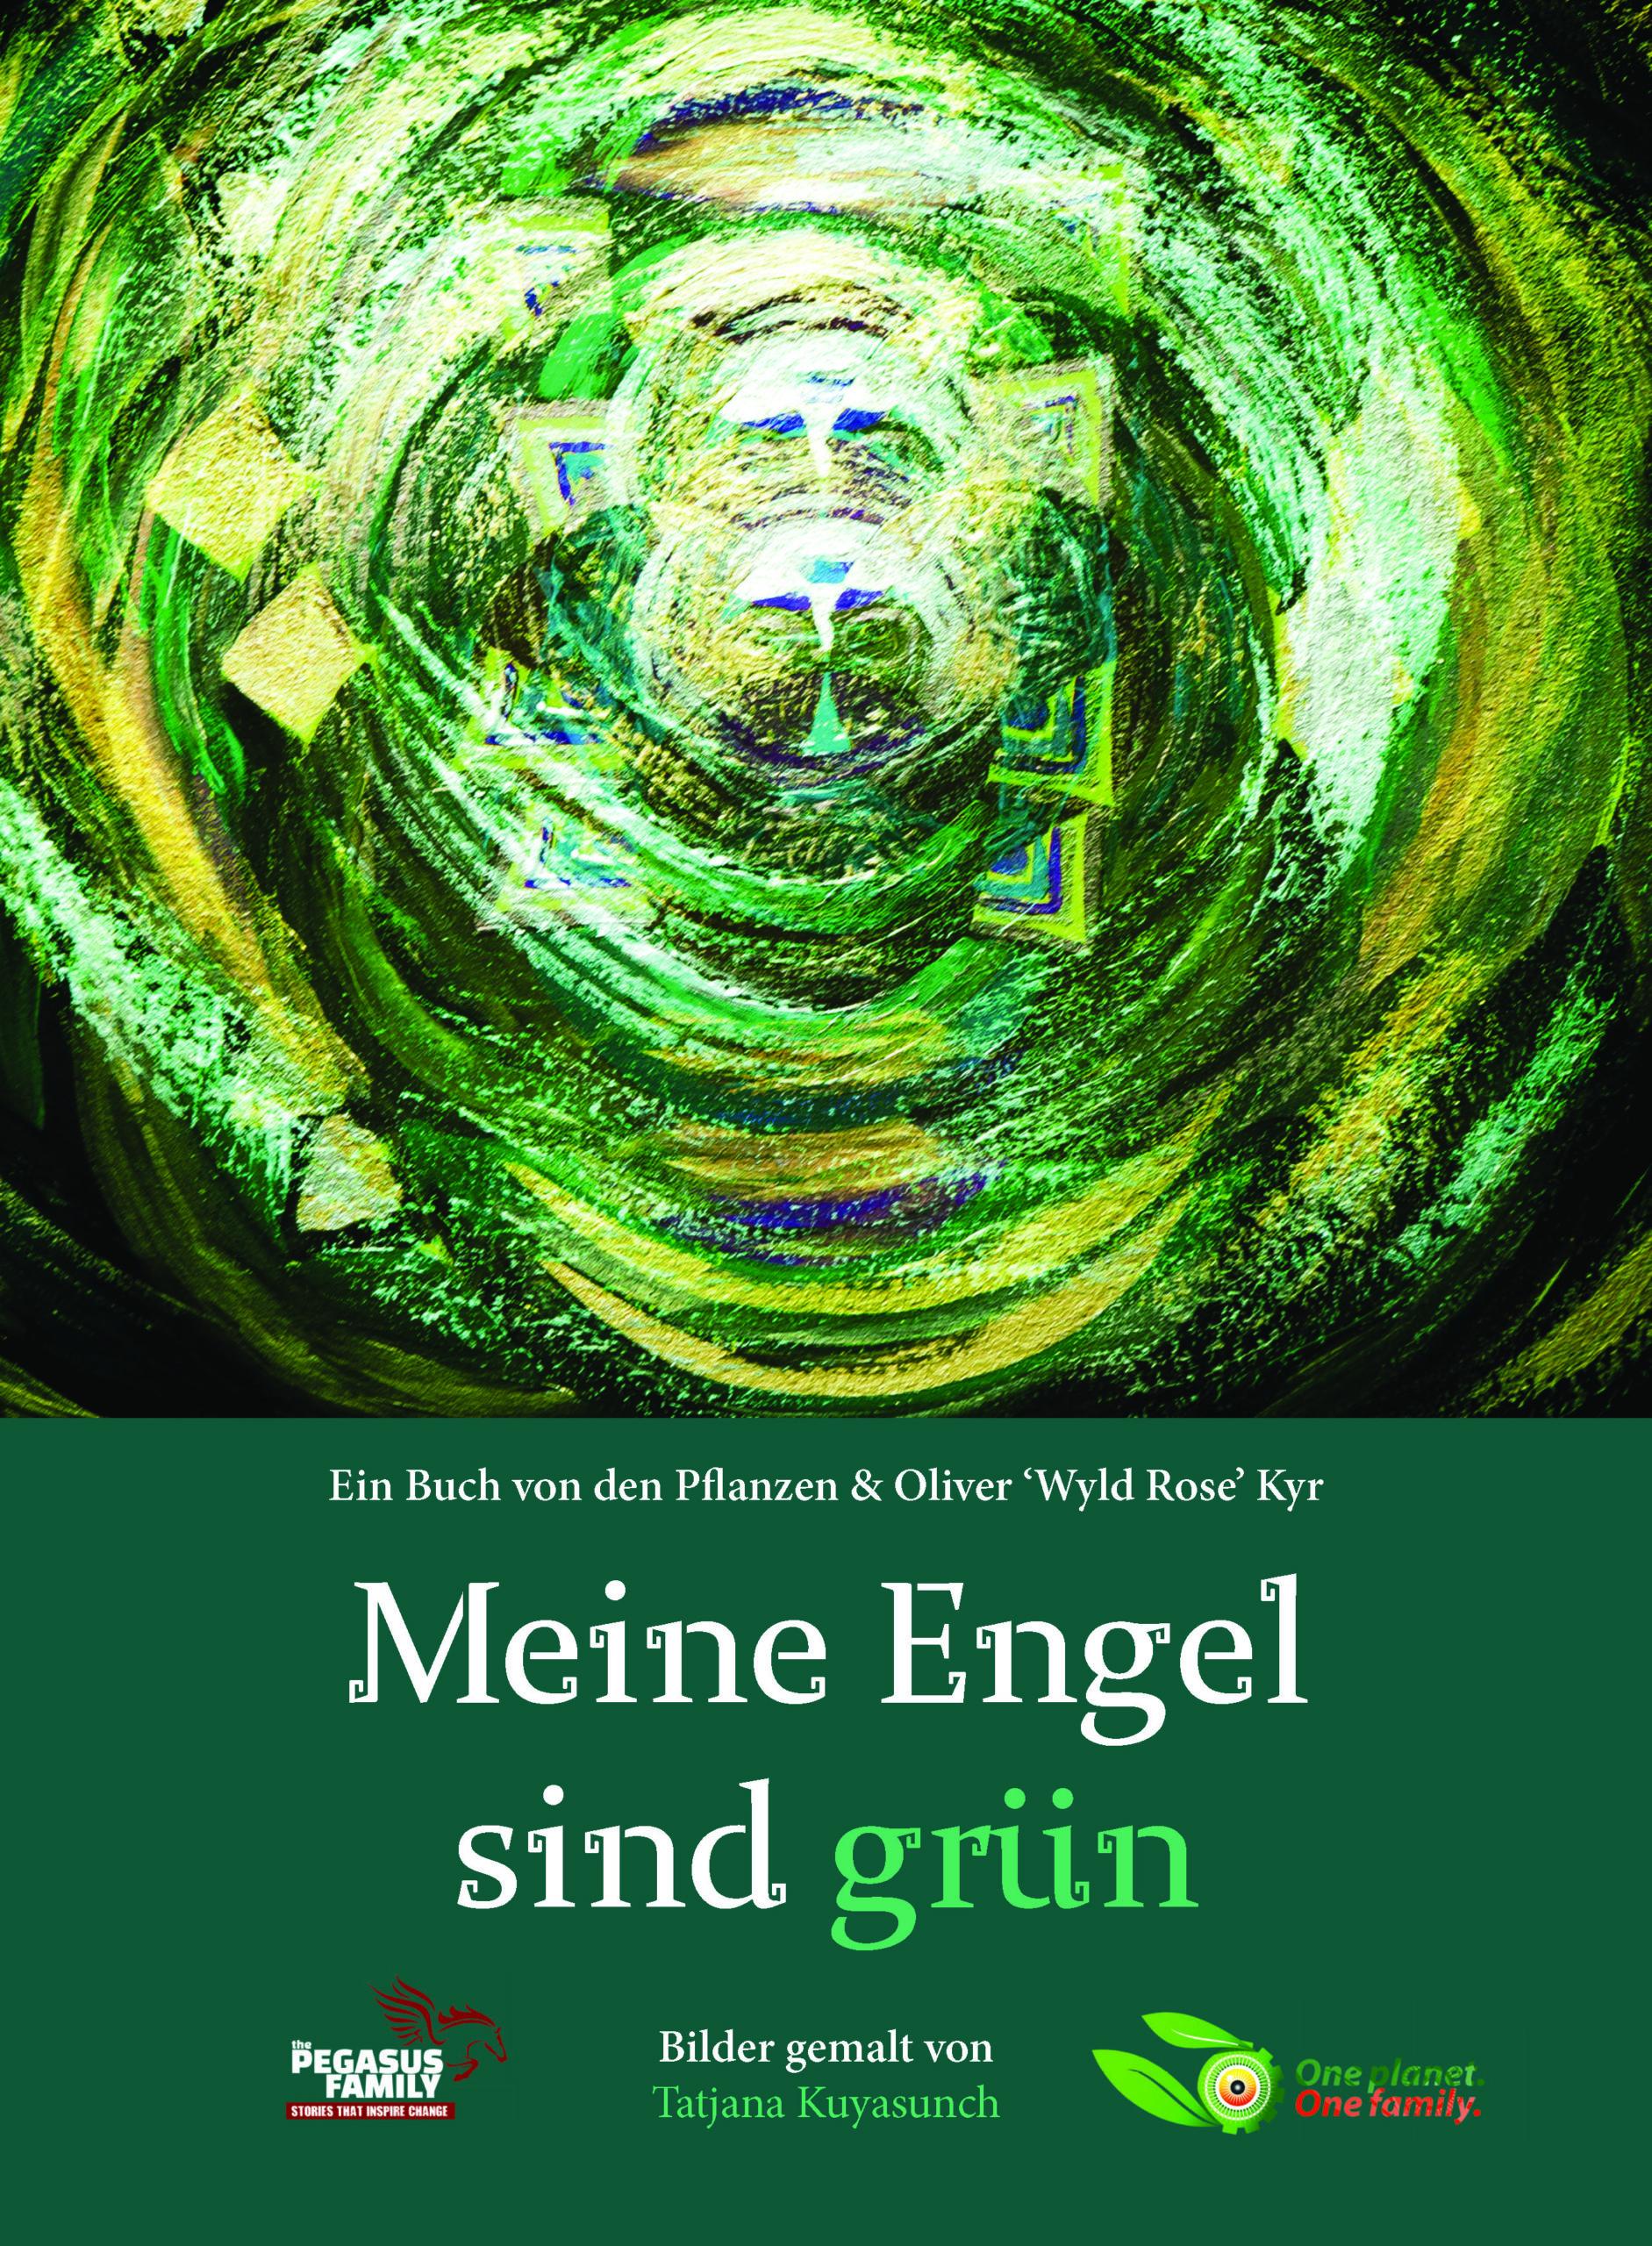 Meine Engel sind grün